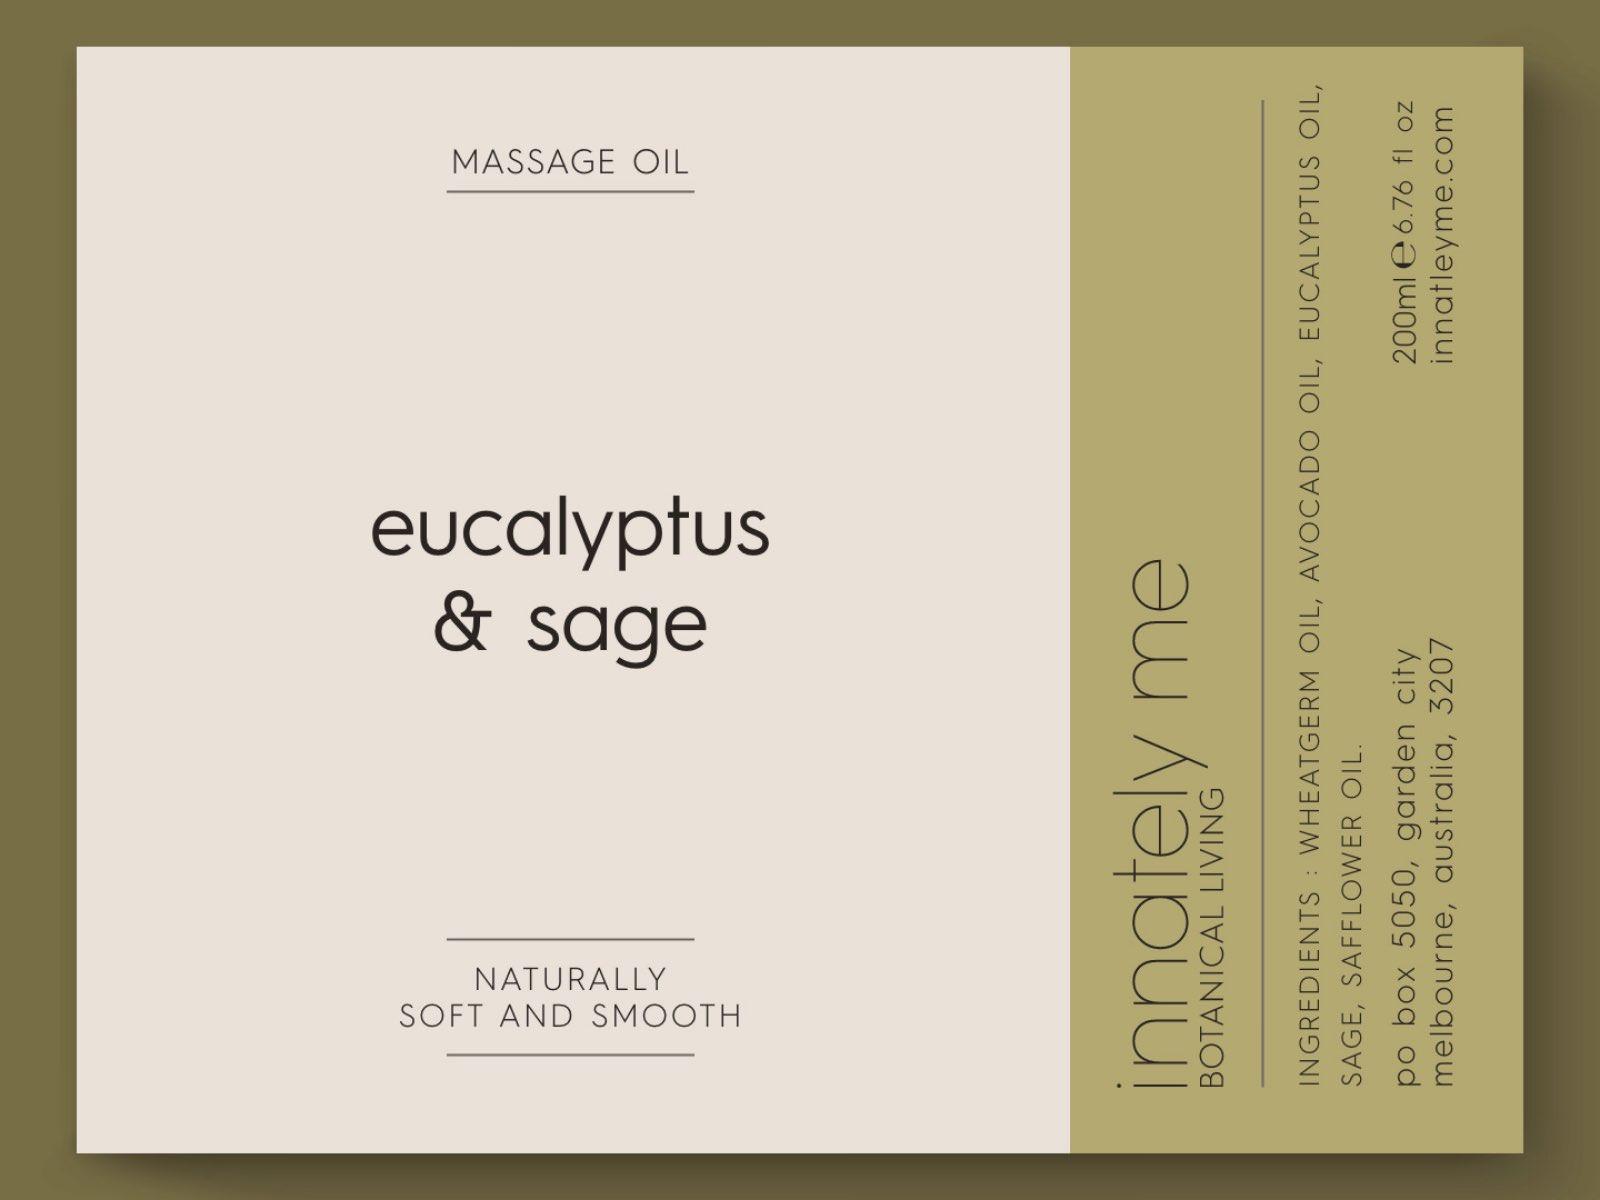 eucalyptus sage label design